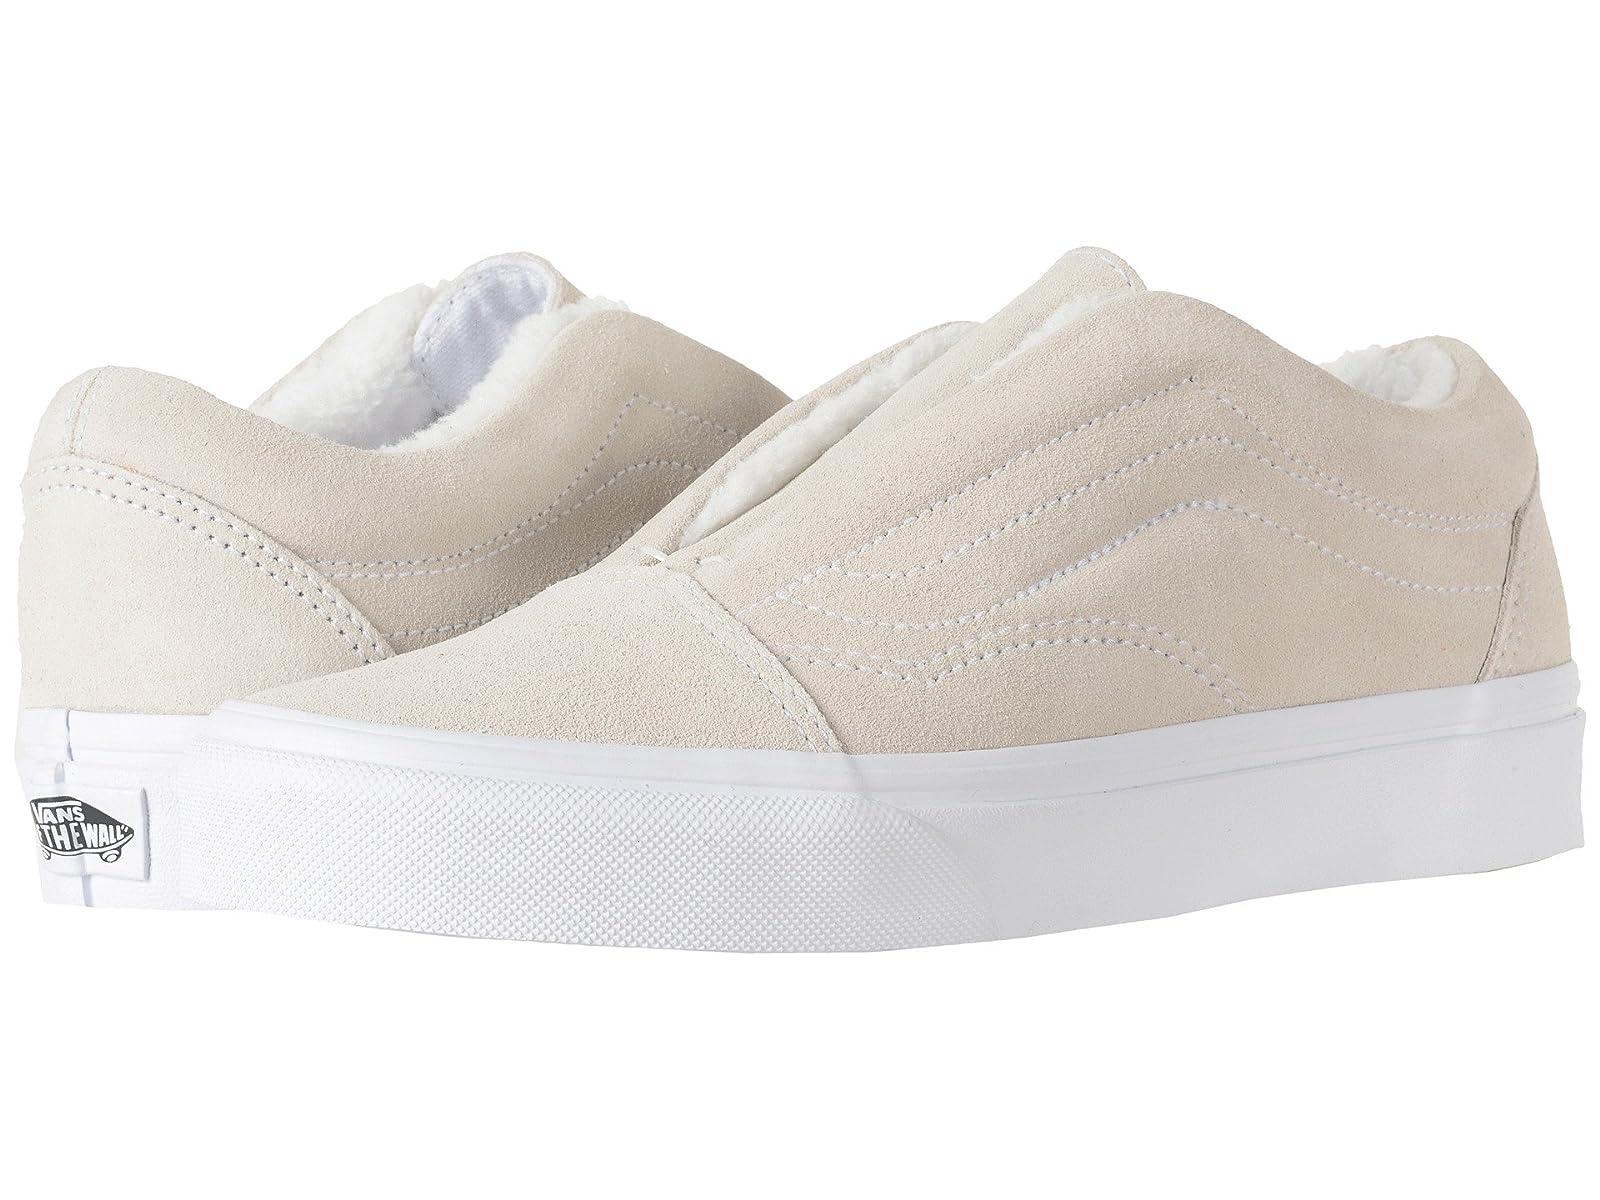 Vans Old Skool Laceless HGAtmospheric grades have affordable shoes